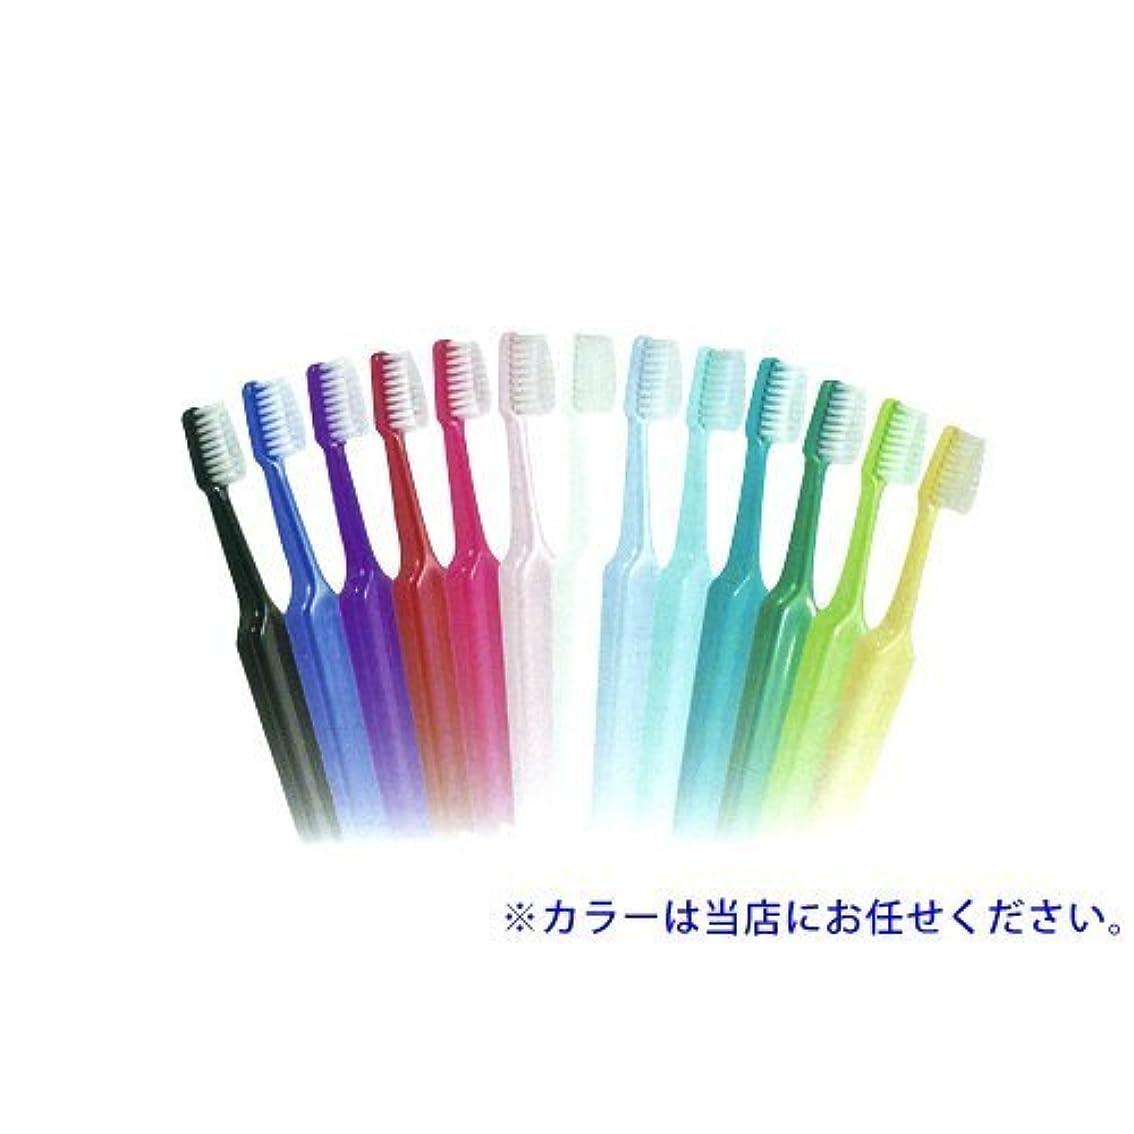 巨大作詞家災害Tepe歯ブラシ セレクトミニ/エクストラソフト 25本/箱